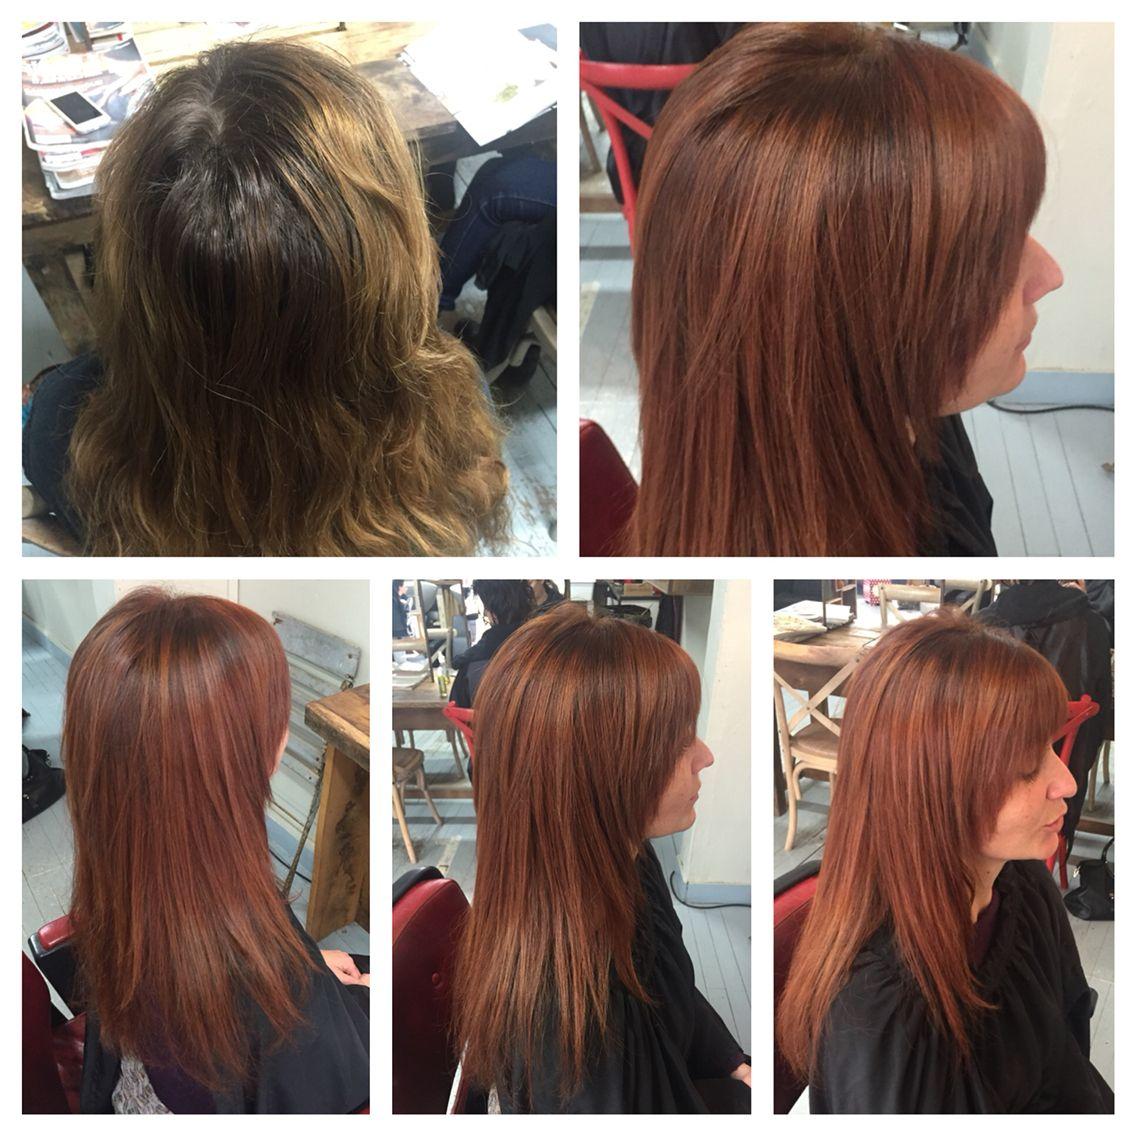 Teinture de cheveux vegetale